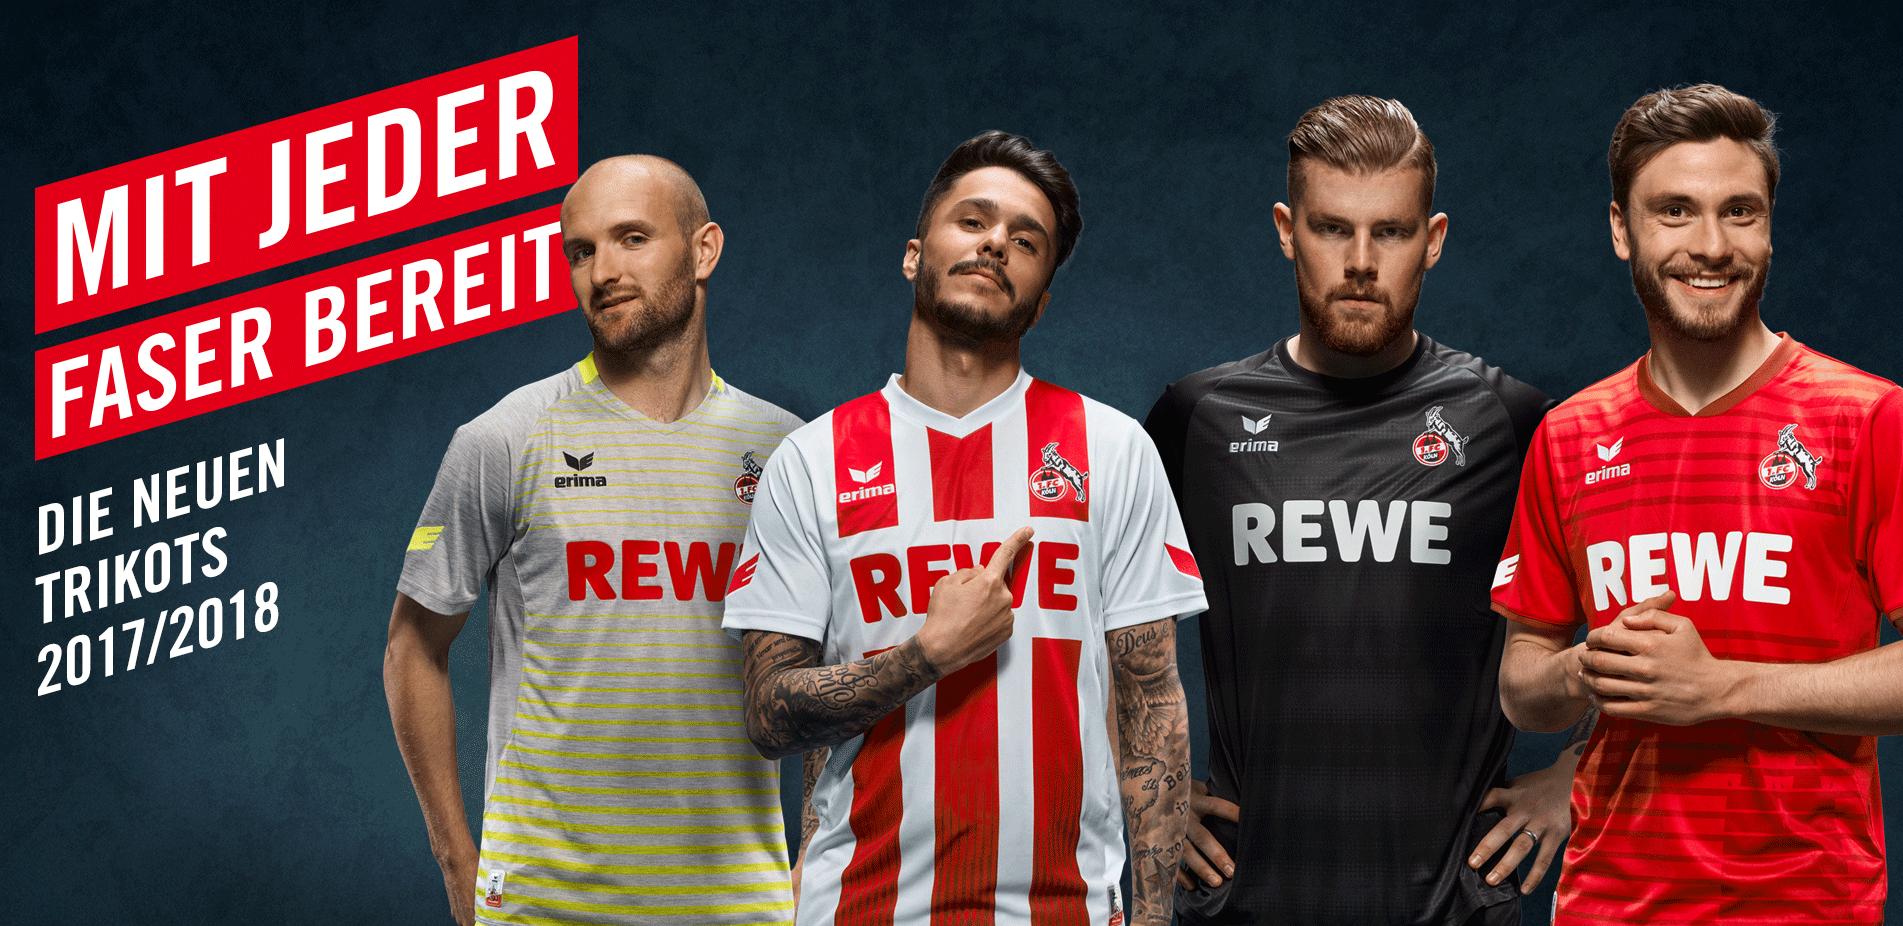 Die neuen Trikots des 1. FC Köln 2017/2018